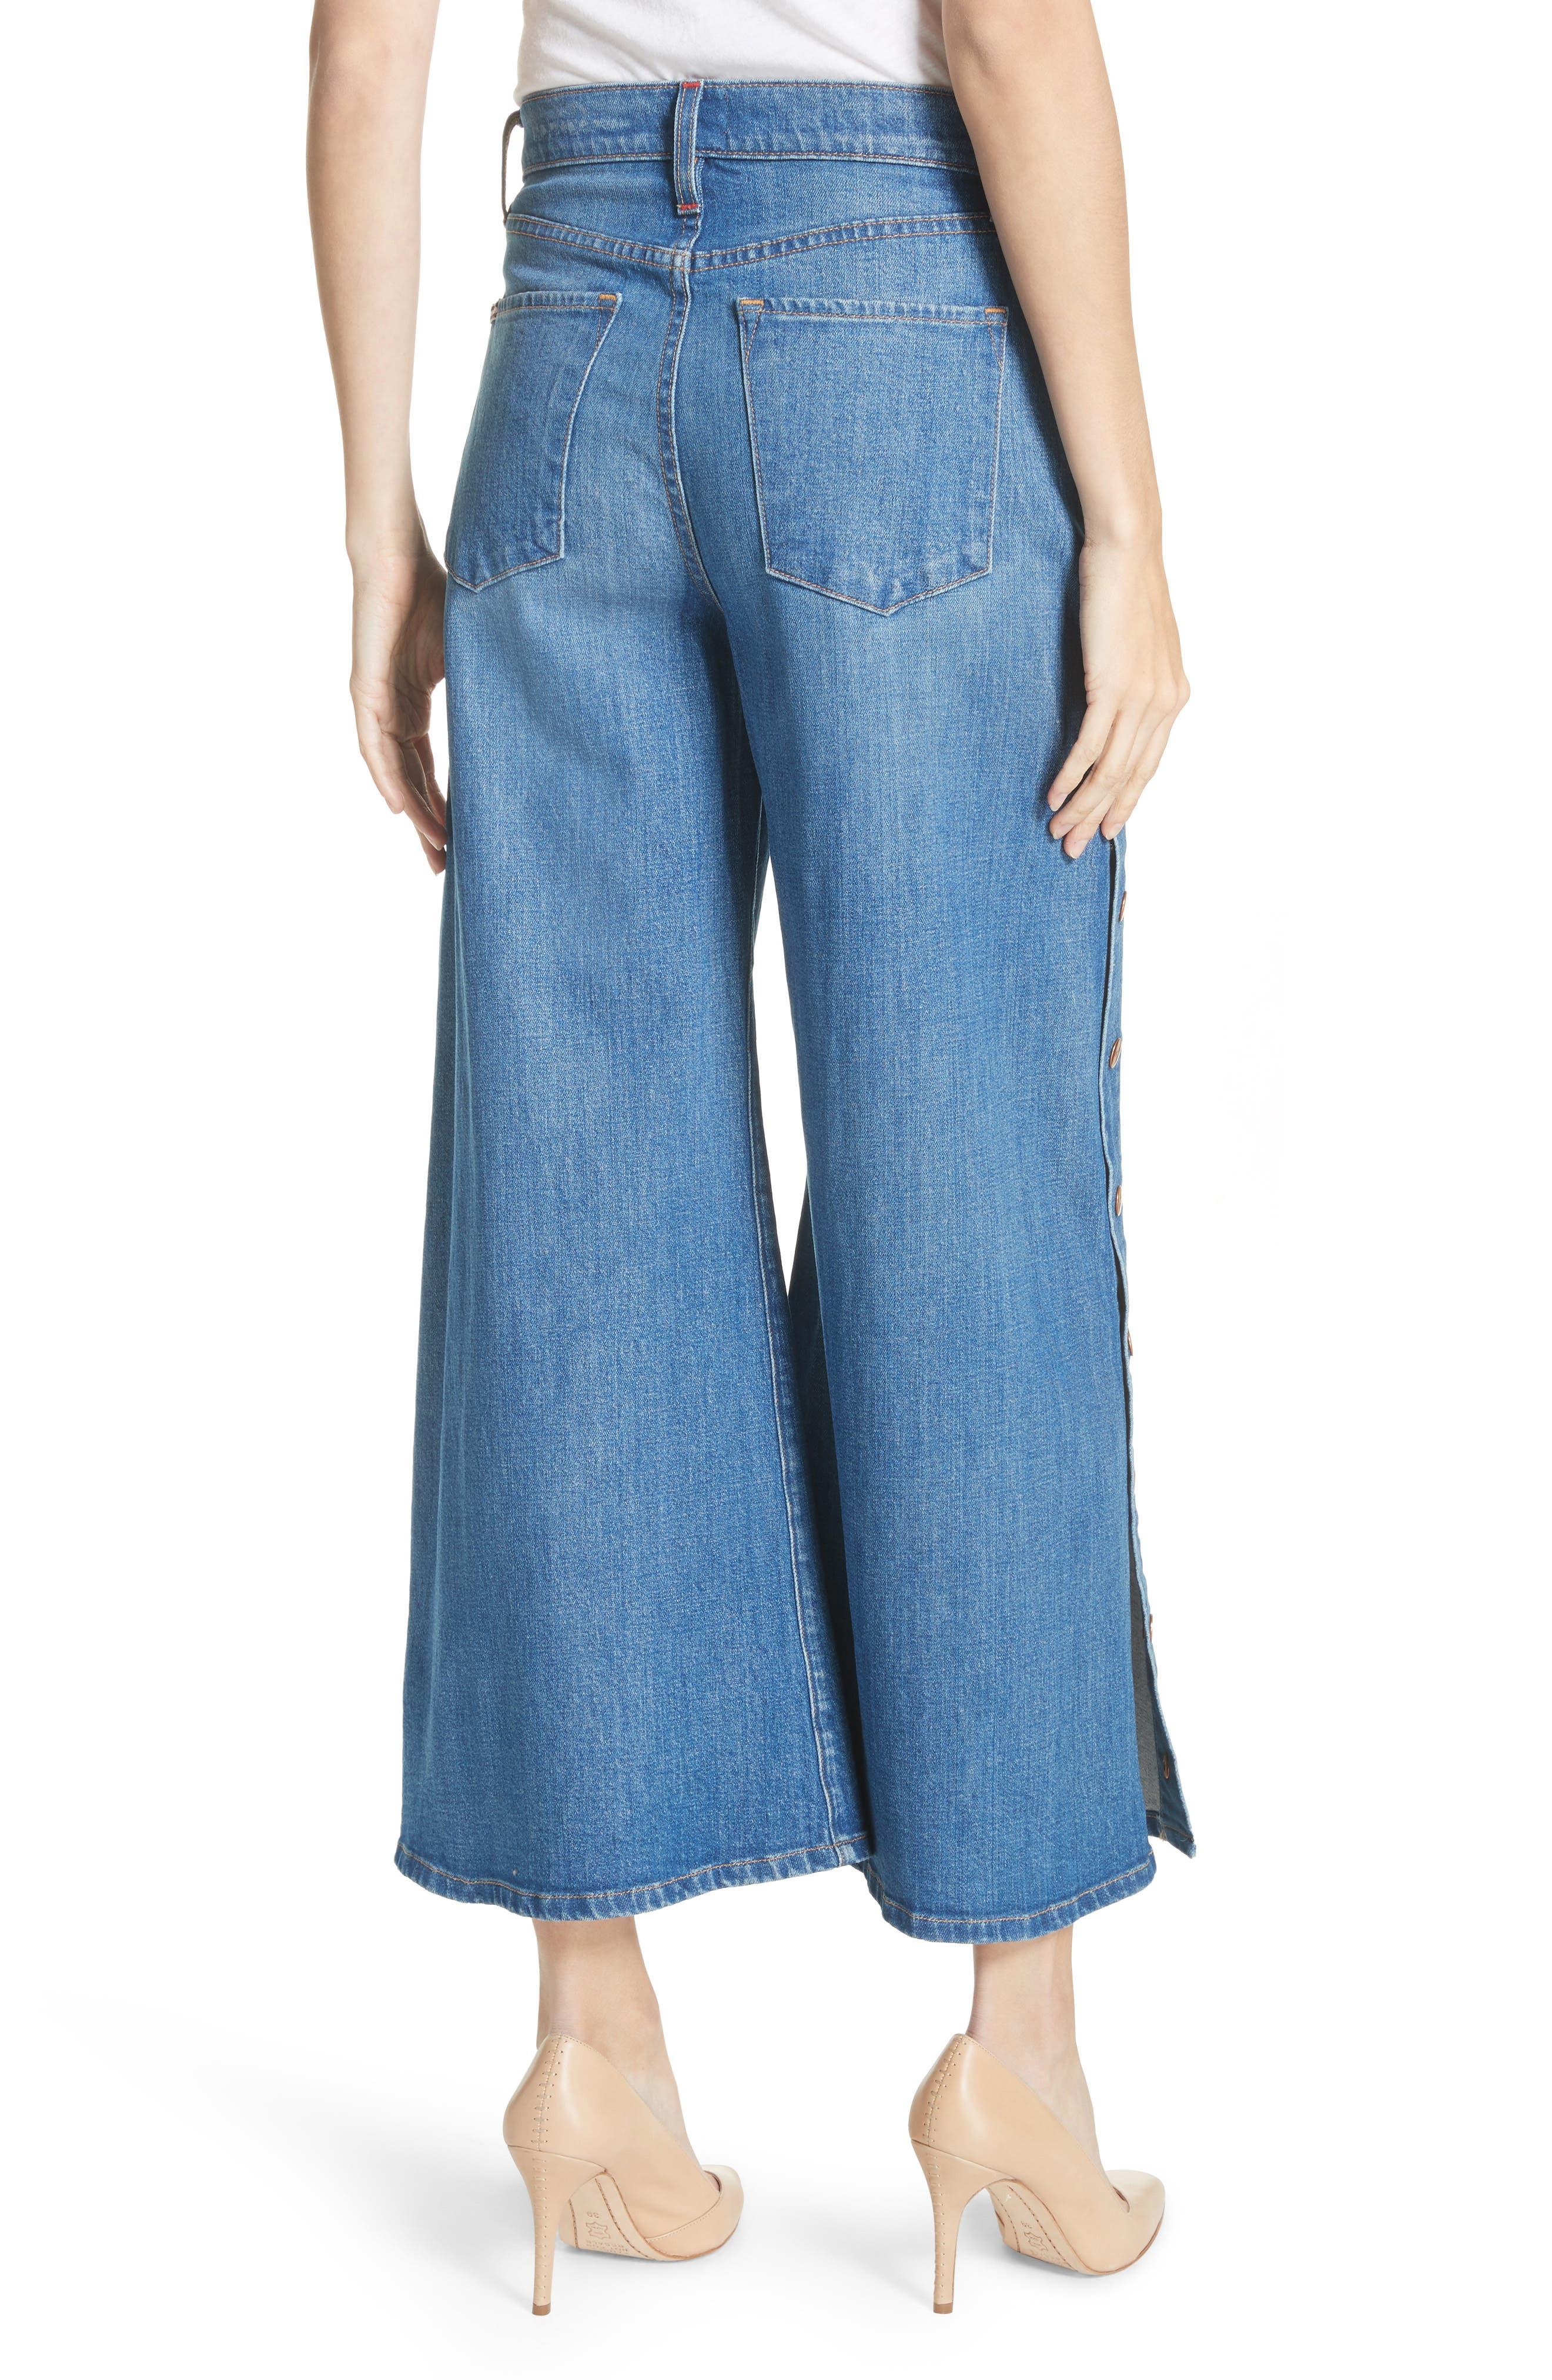 AO.LA Gorgeous Snap Side Crop Flare Jeans,                             Alternate thumbnail 2, color,                             460